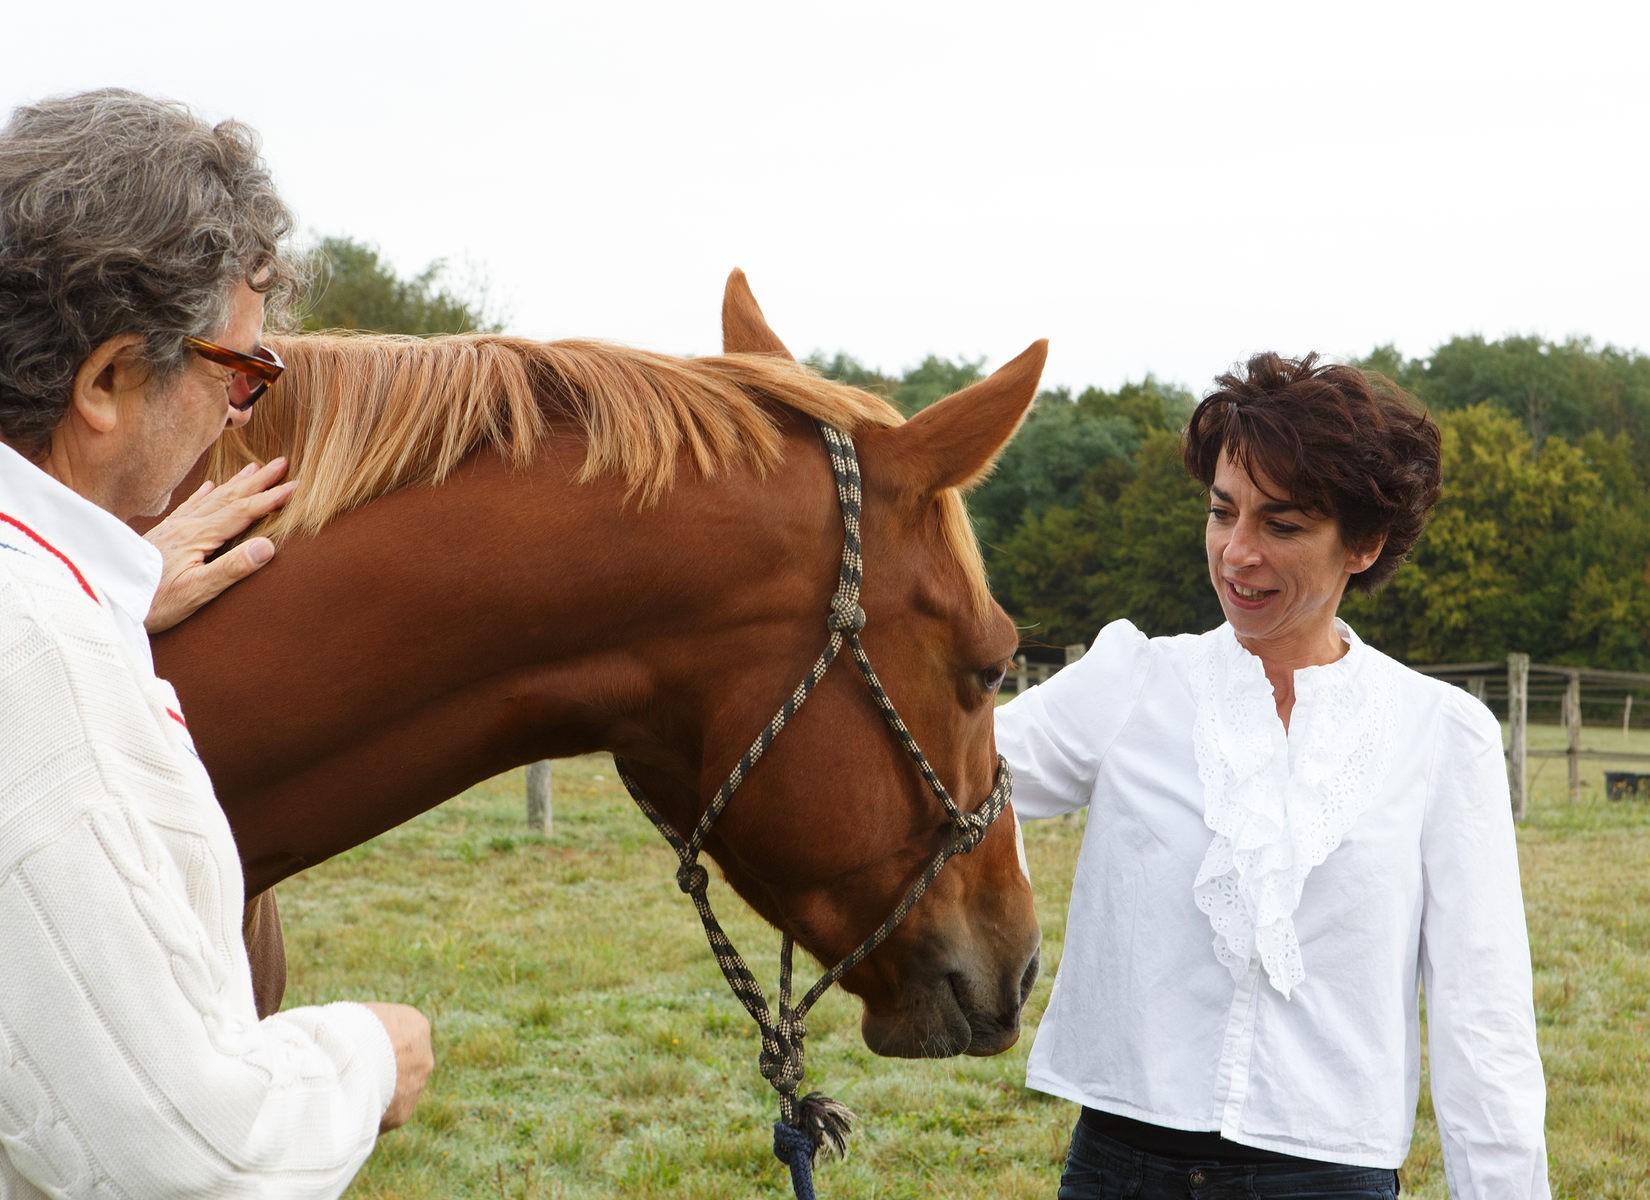 MichelChef d'entreprise - «Le coach en leadership m'a proposé, avec une impressionnante pertinence, la transposition immédiate de ma posture face au cheval, au monde professionnel.»